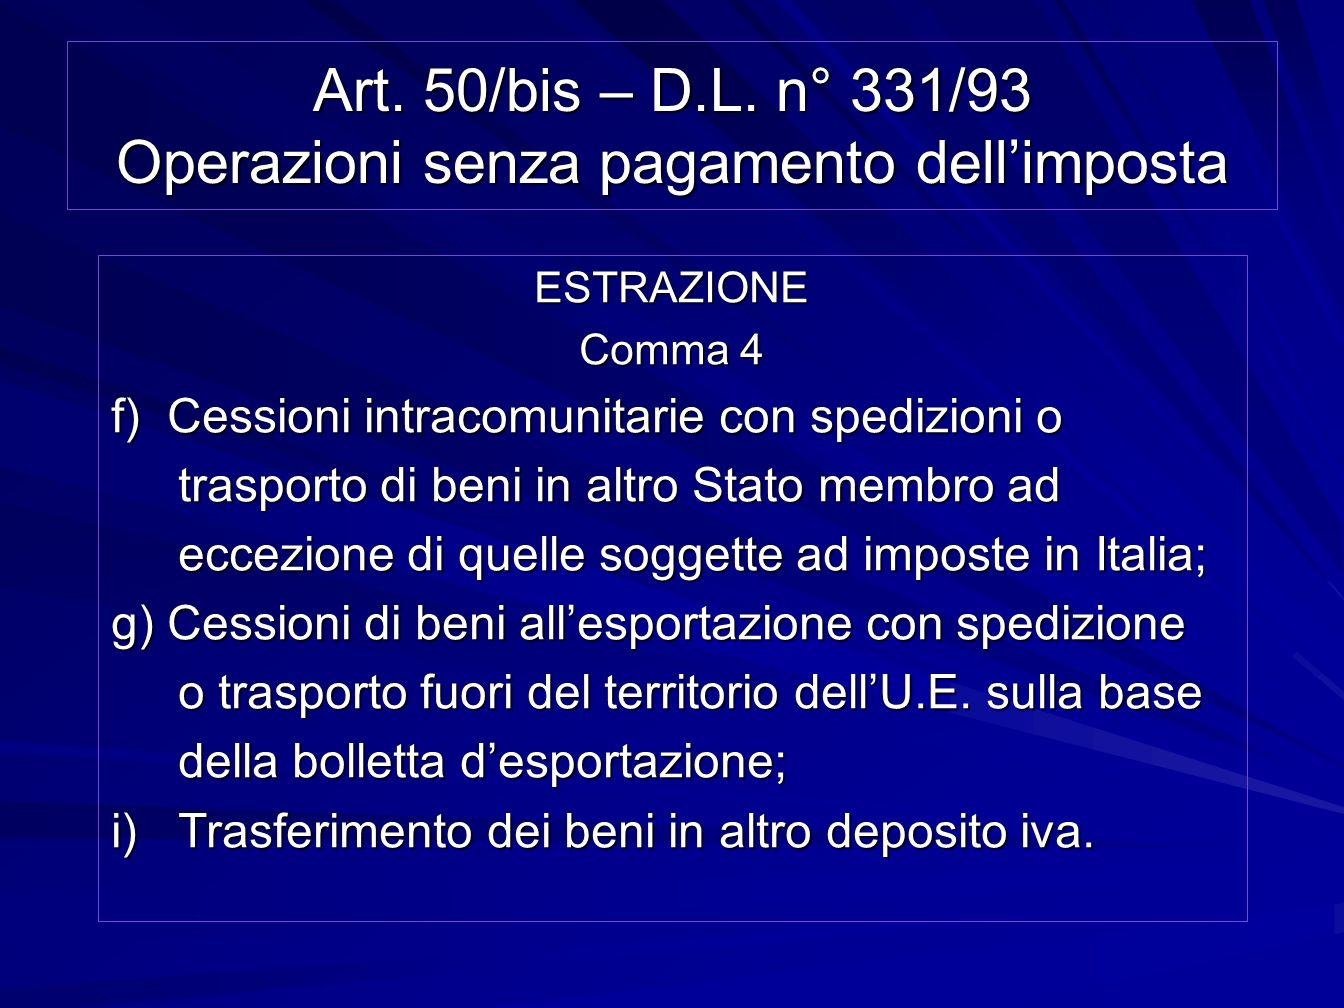 Art. 50/bis – D.L. n° 331/93 Operazioni senza pagamento dell'imposta